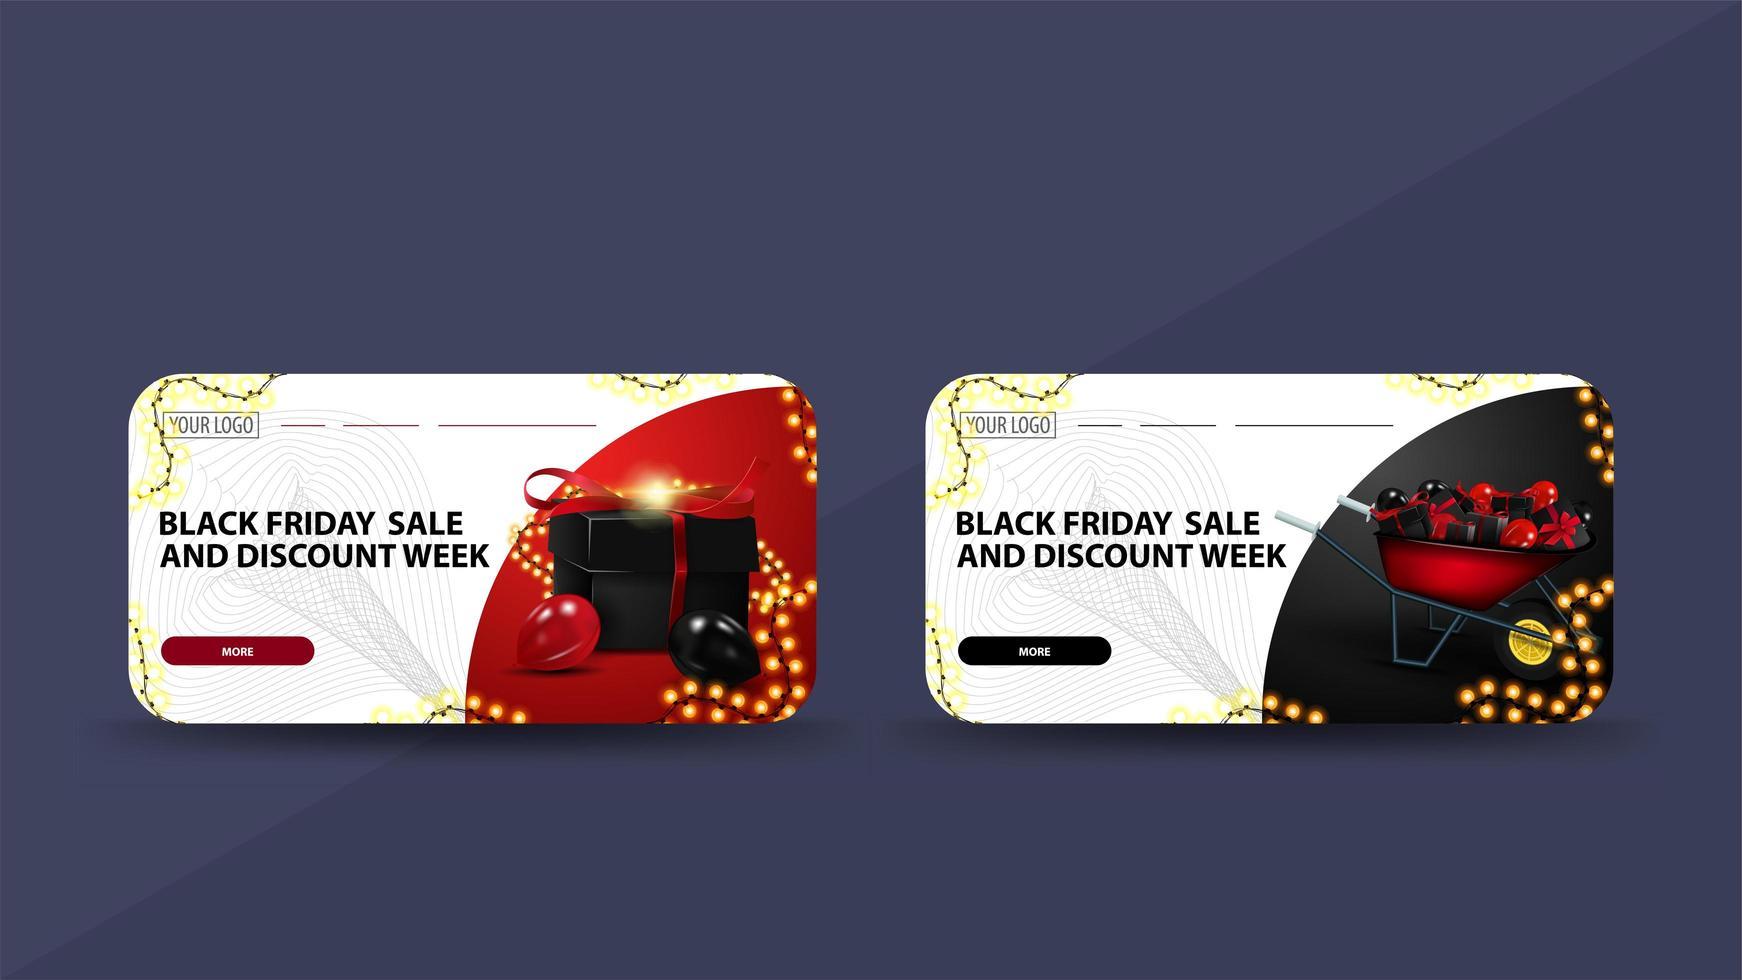 plantillas de tarjetas de rebajas de viernes negro vector